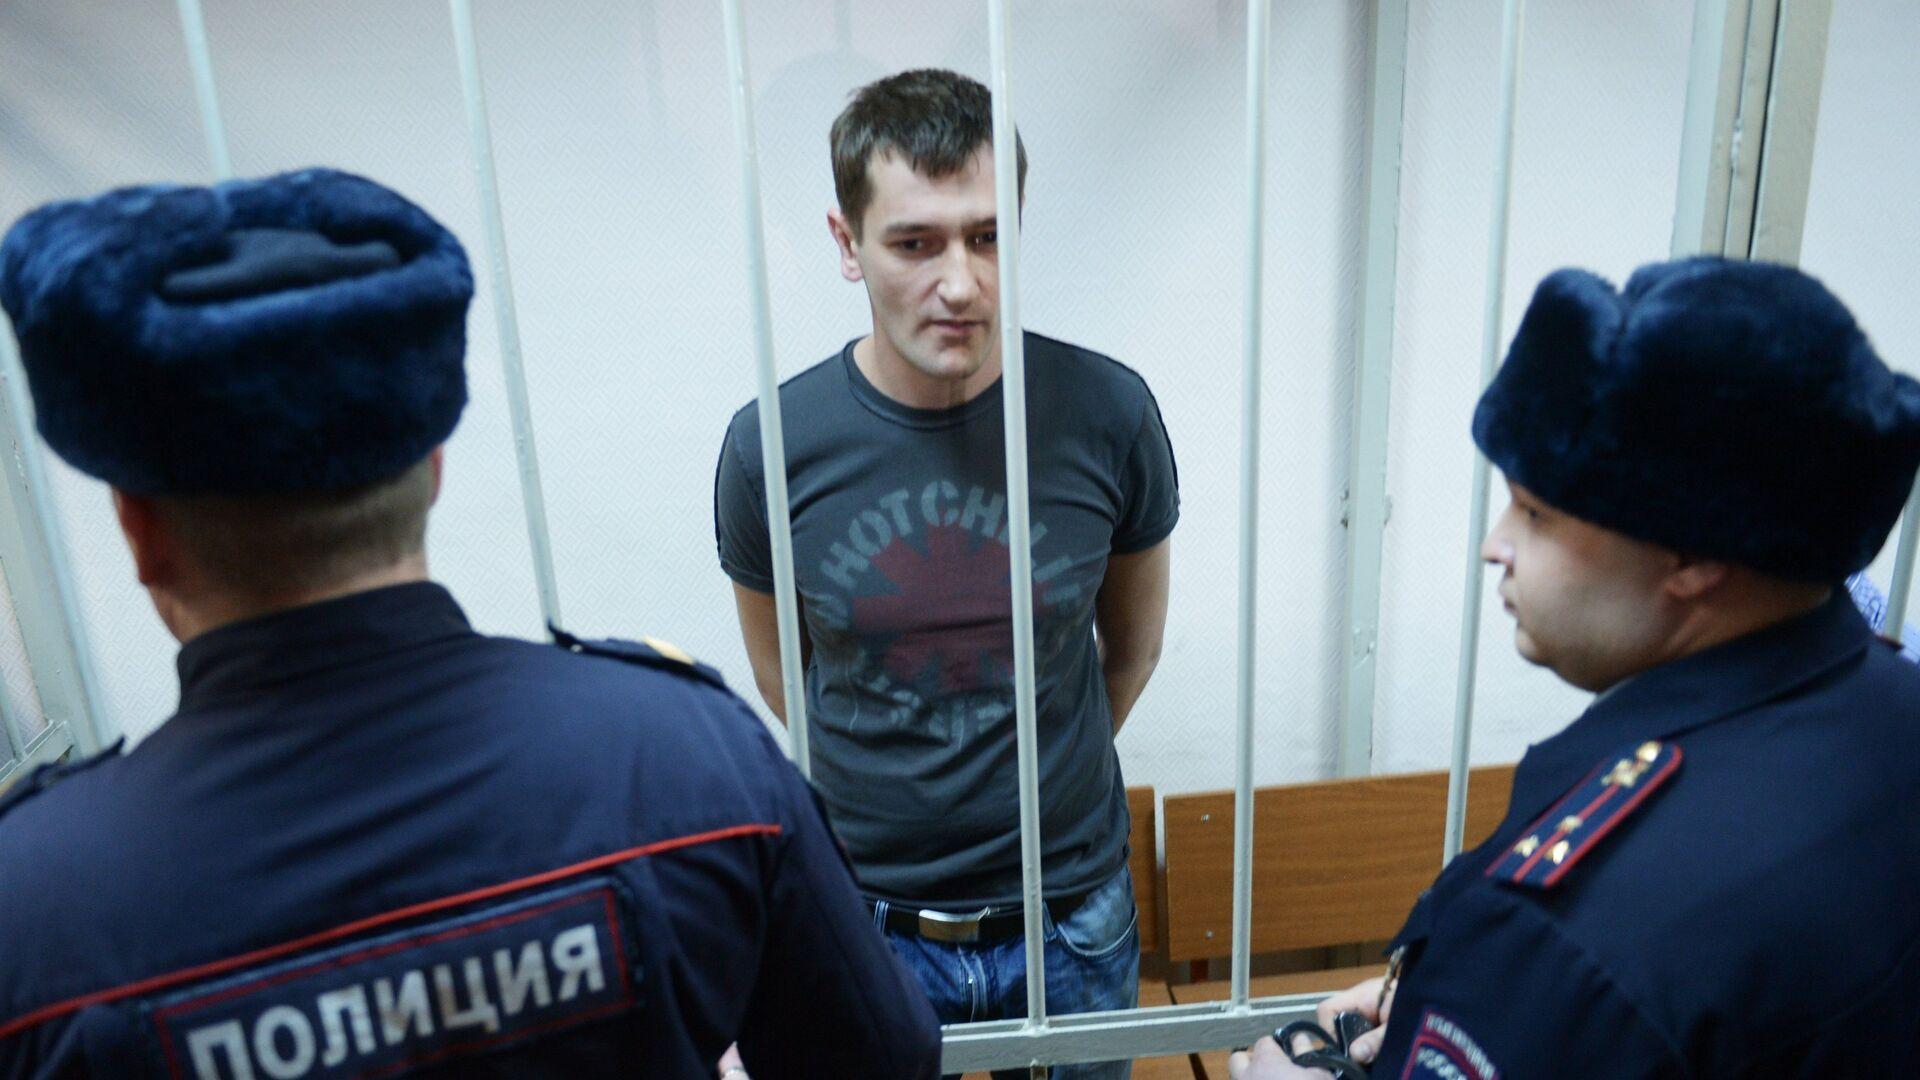 Оглашение приговора братьям Навальным в Замоскворецком суде - РИА Новости, 1920, 29.01.2021